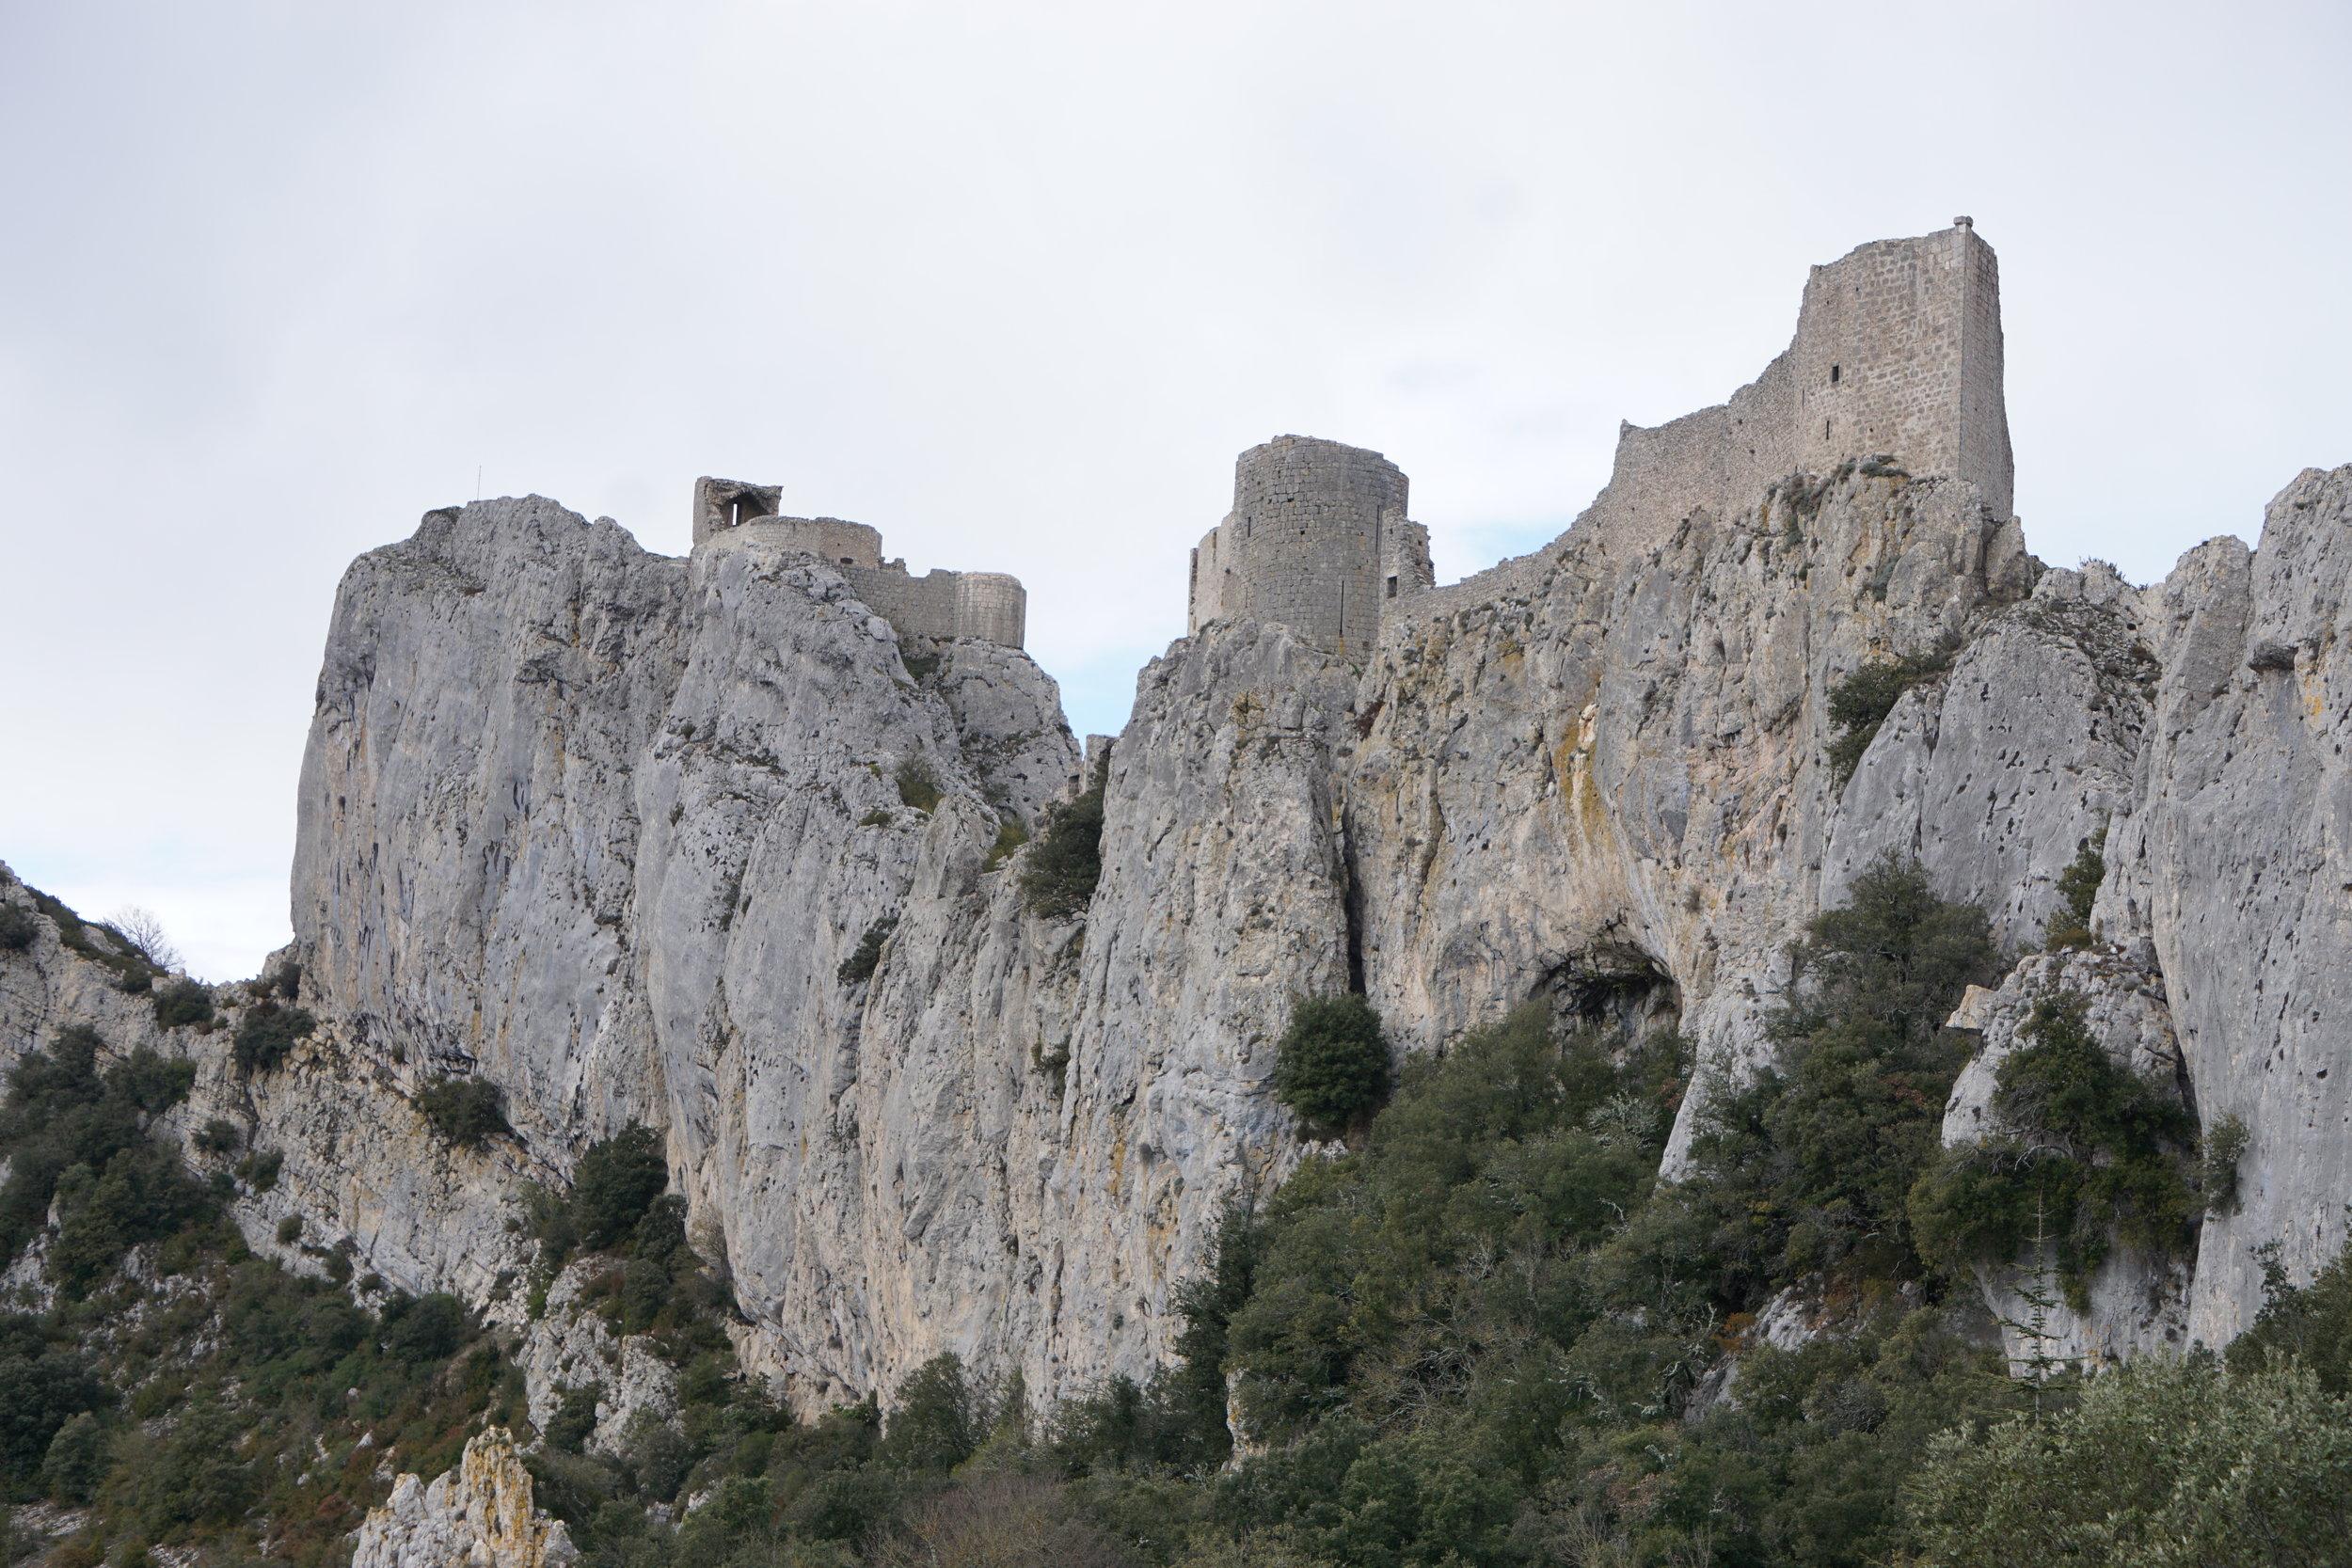 Peyrepetuse Castle